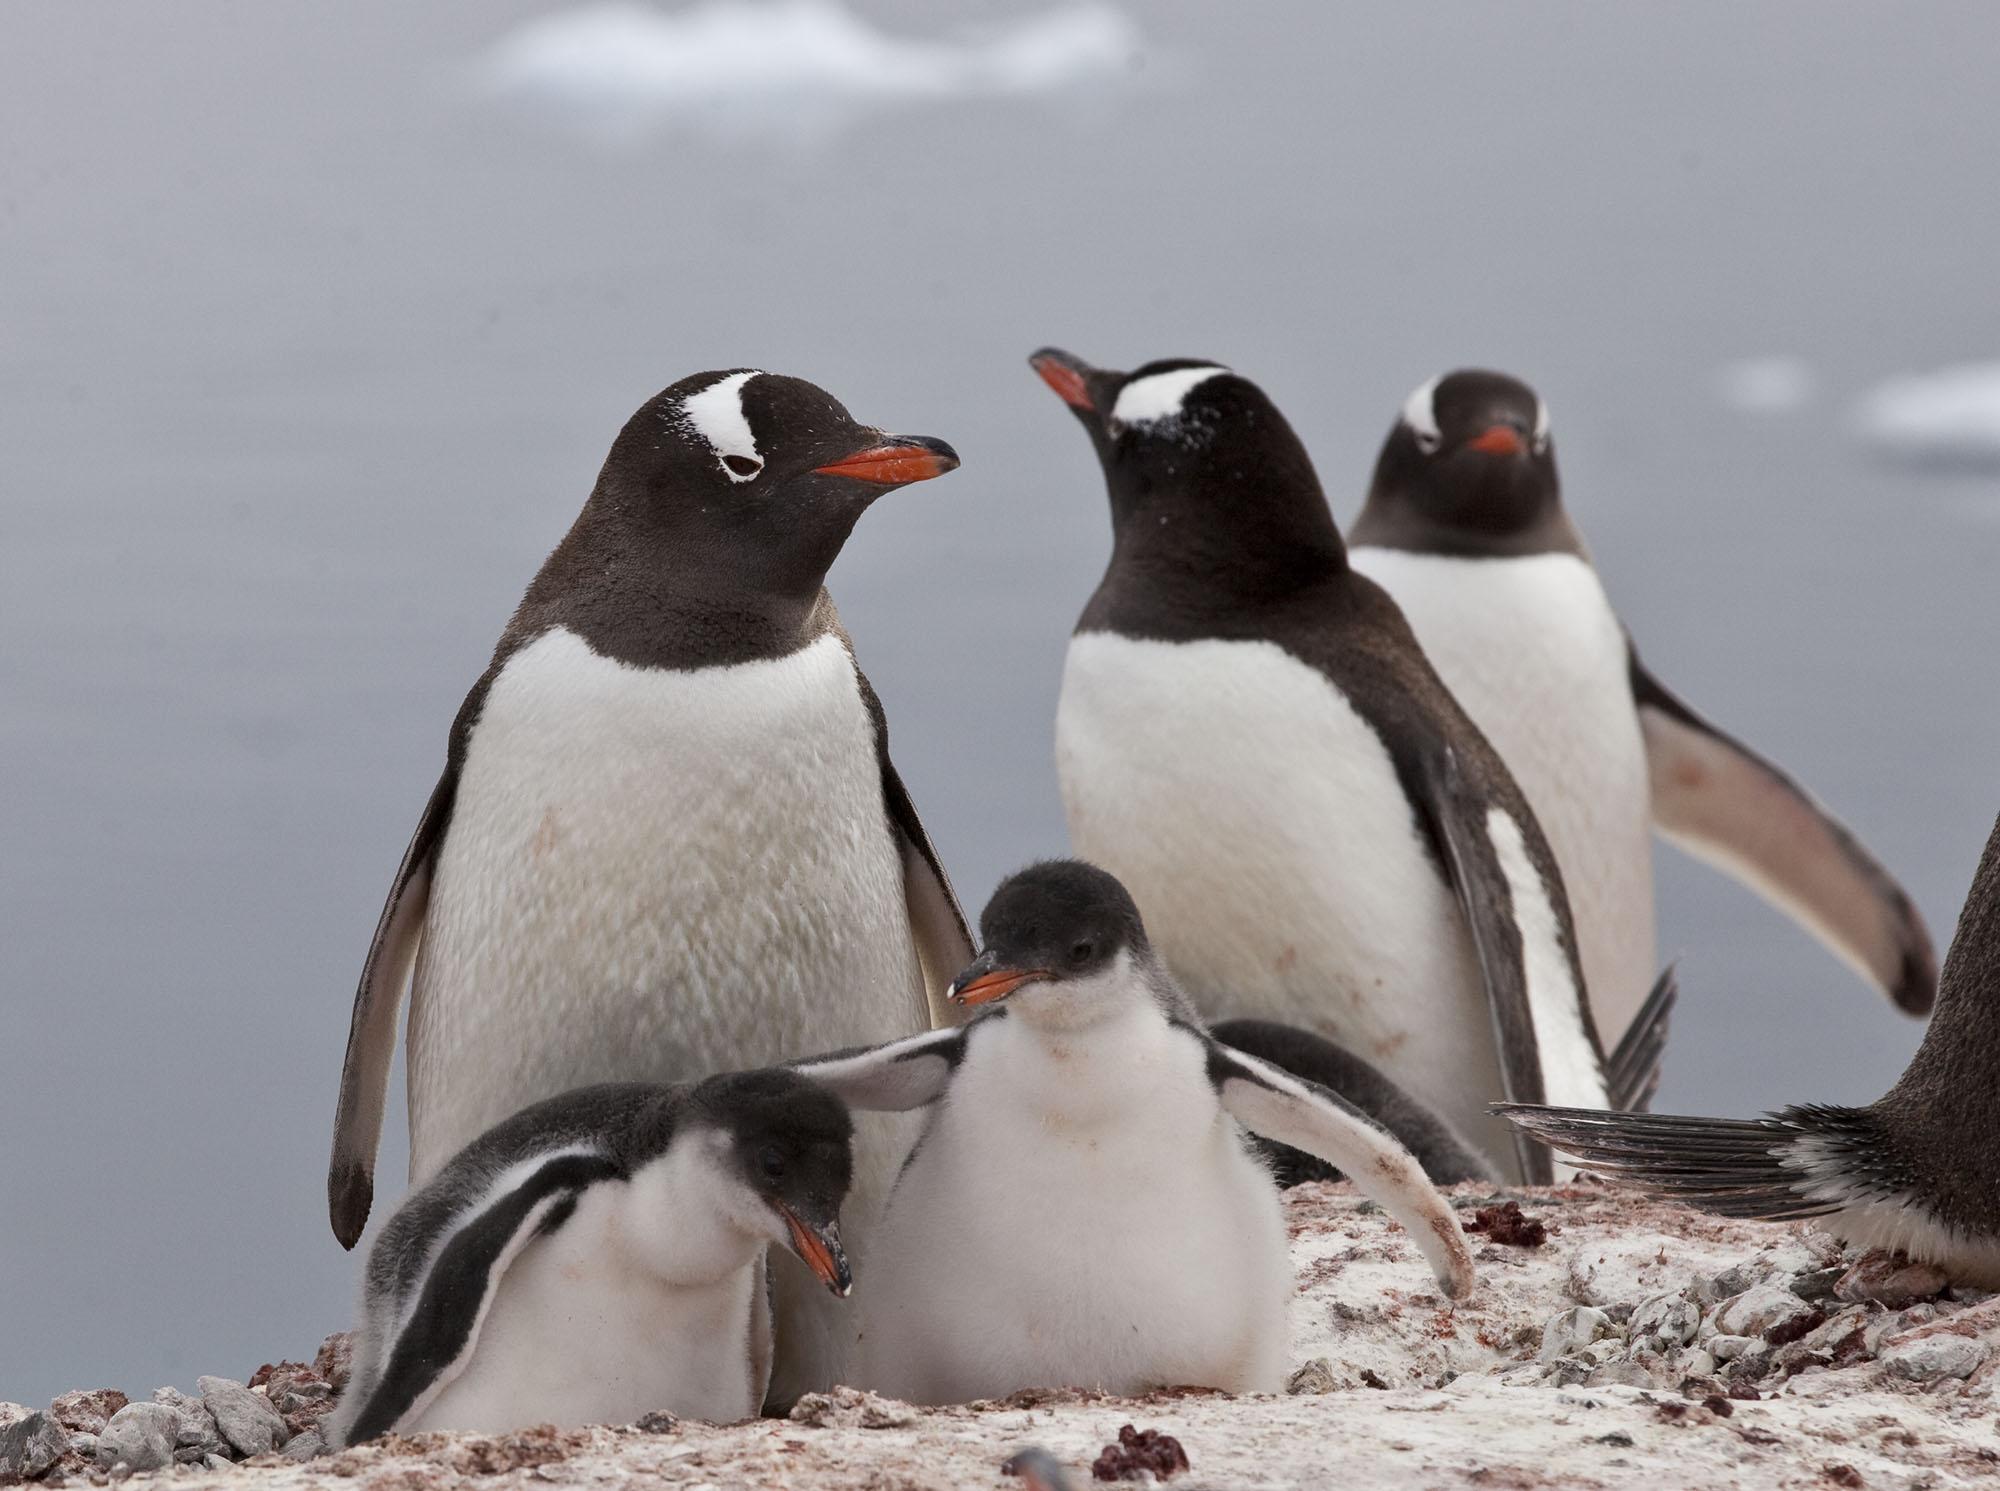 Penguins_8425.jpg